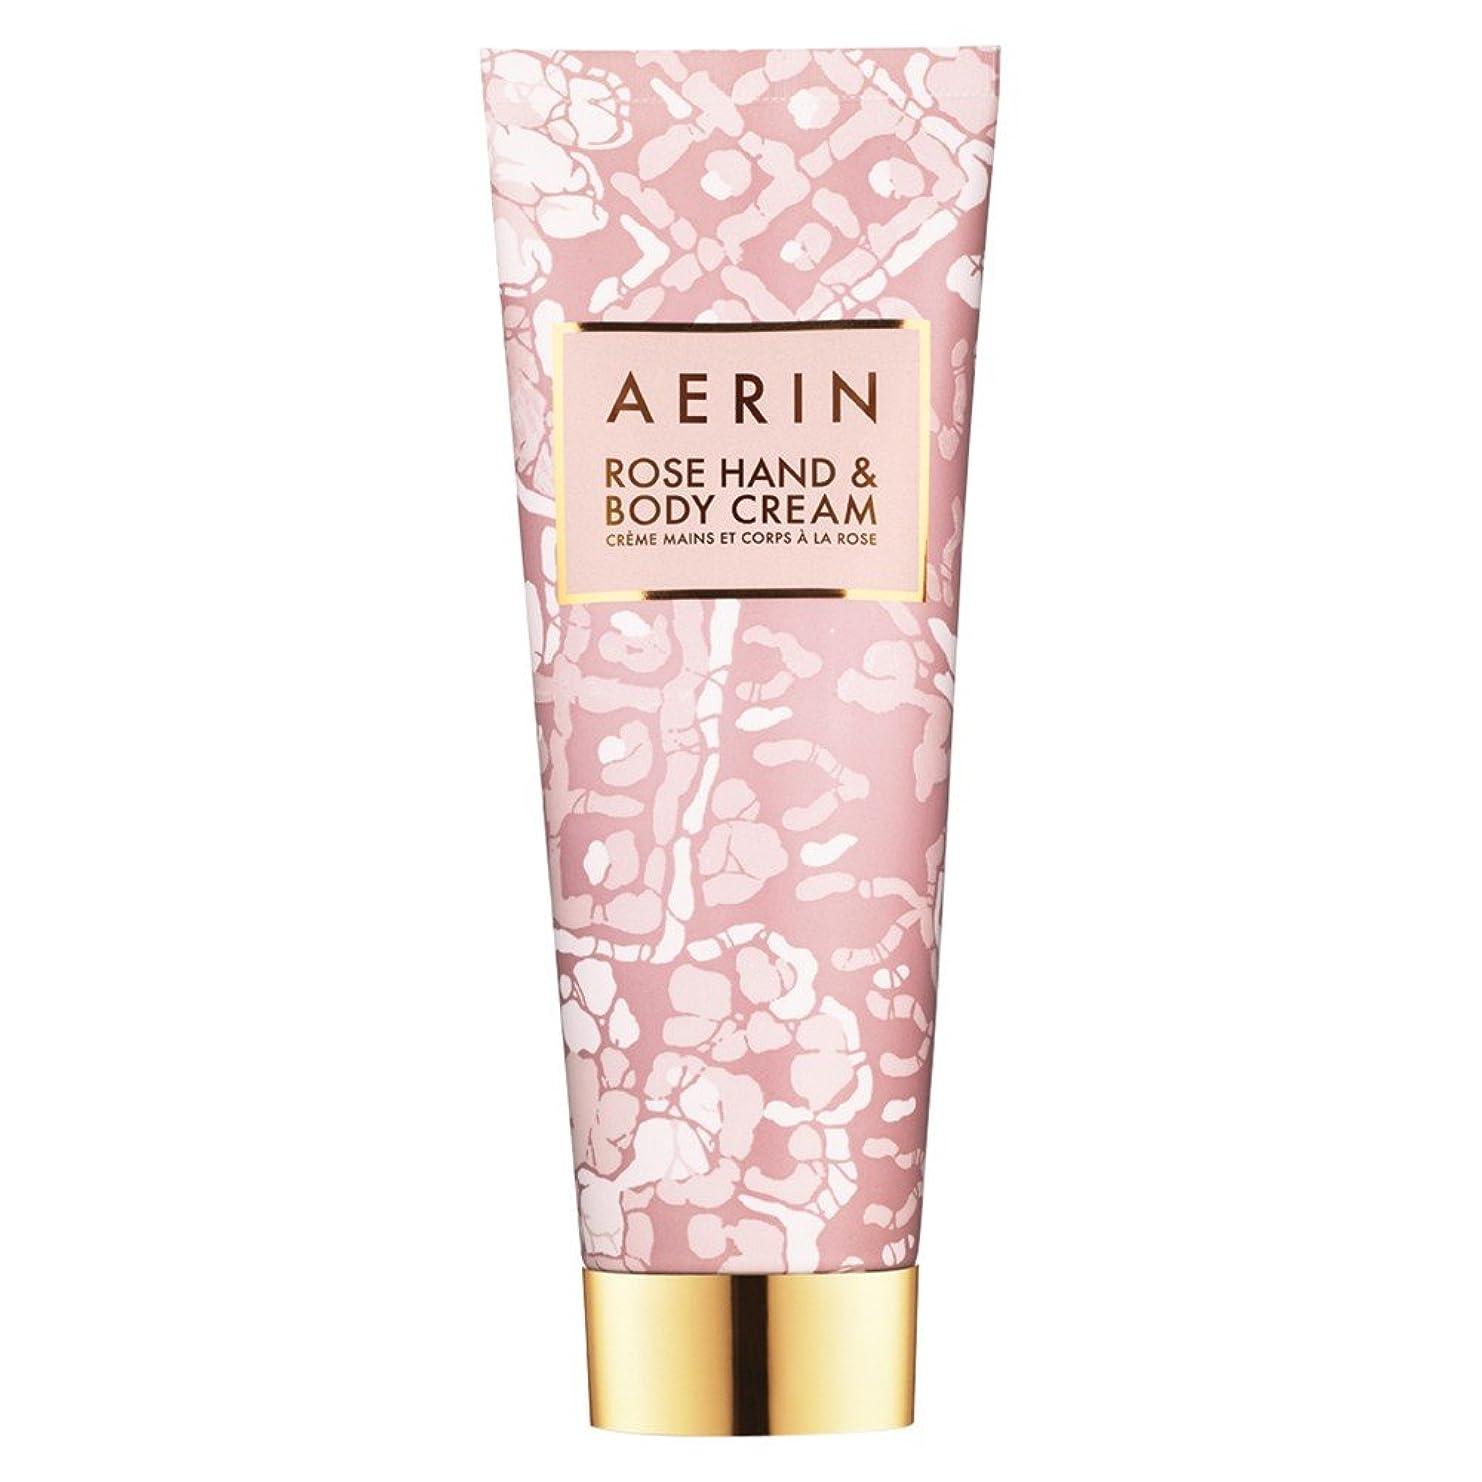 変装薄い手錠Aerinはハンド&ボディクリーム125ミリリットルをバラ (AERIN) (x2) - AERIN Rose Hand & Body Cream 125ml (Pack of 2) [並行輸入品]